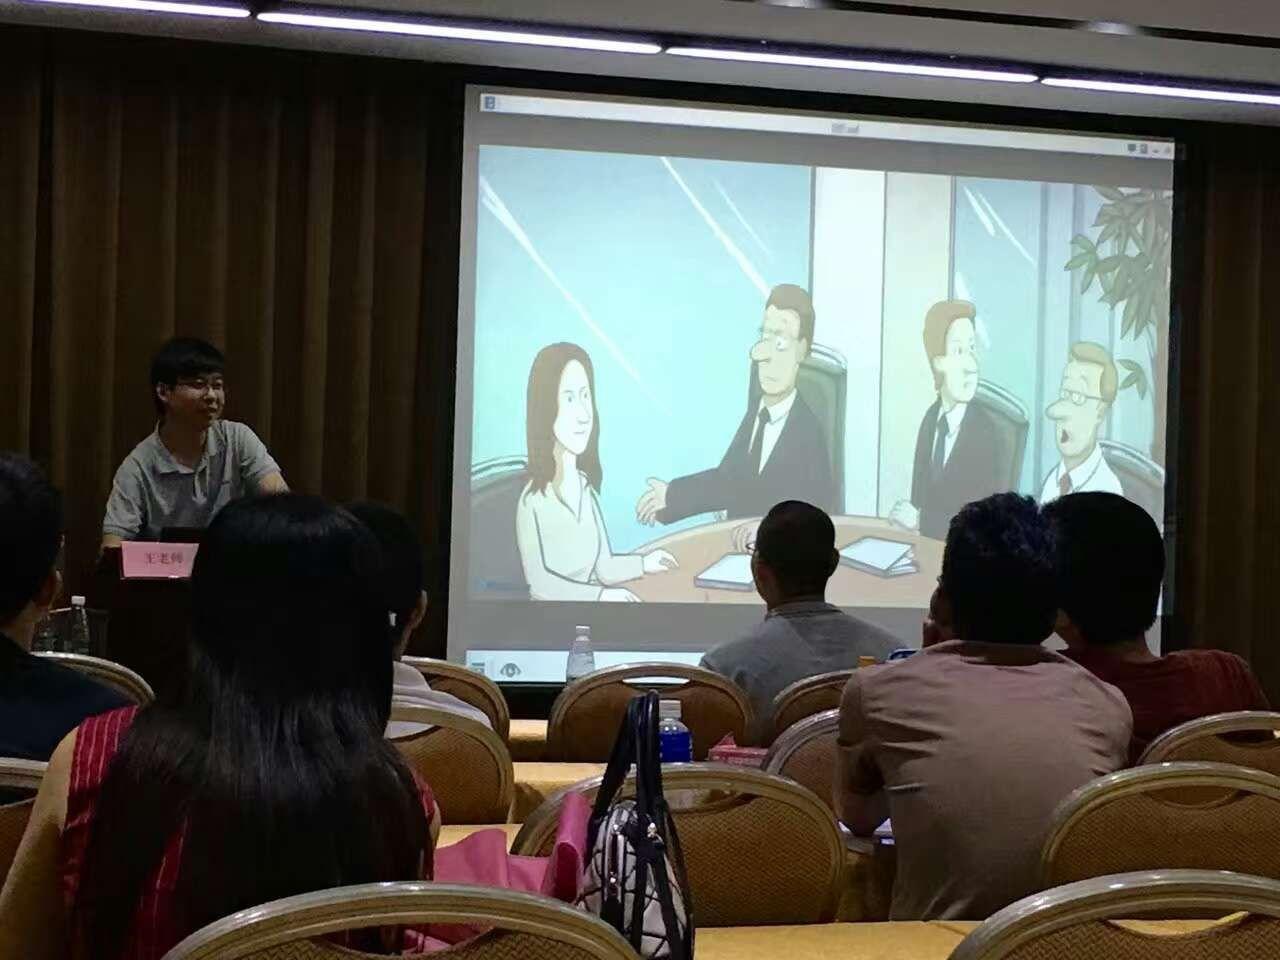 中培教育PMP-项目管理培训中心